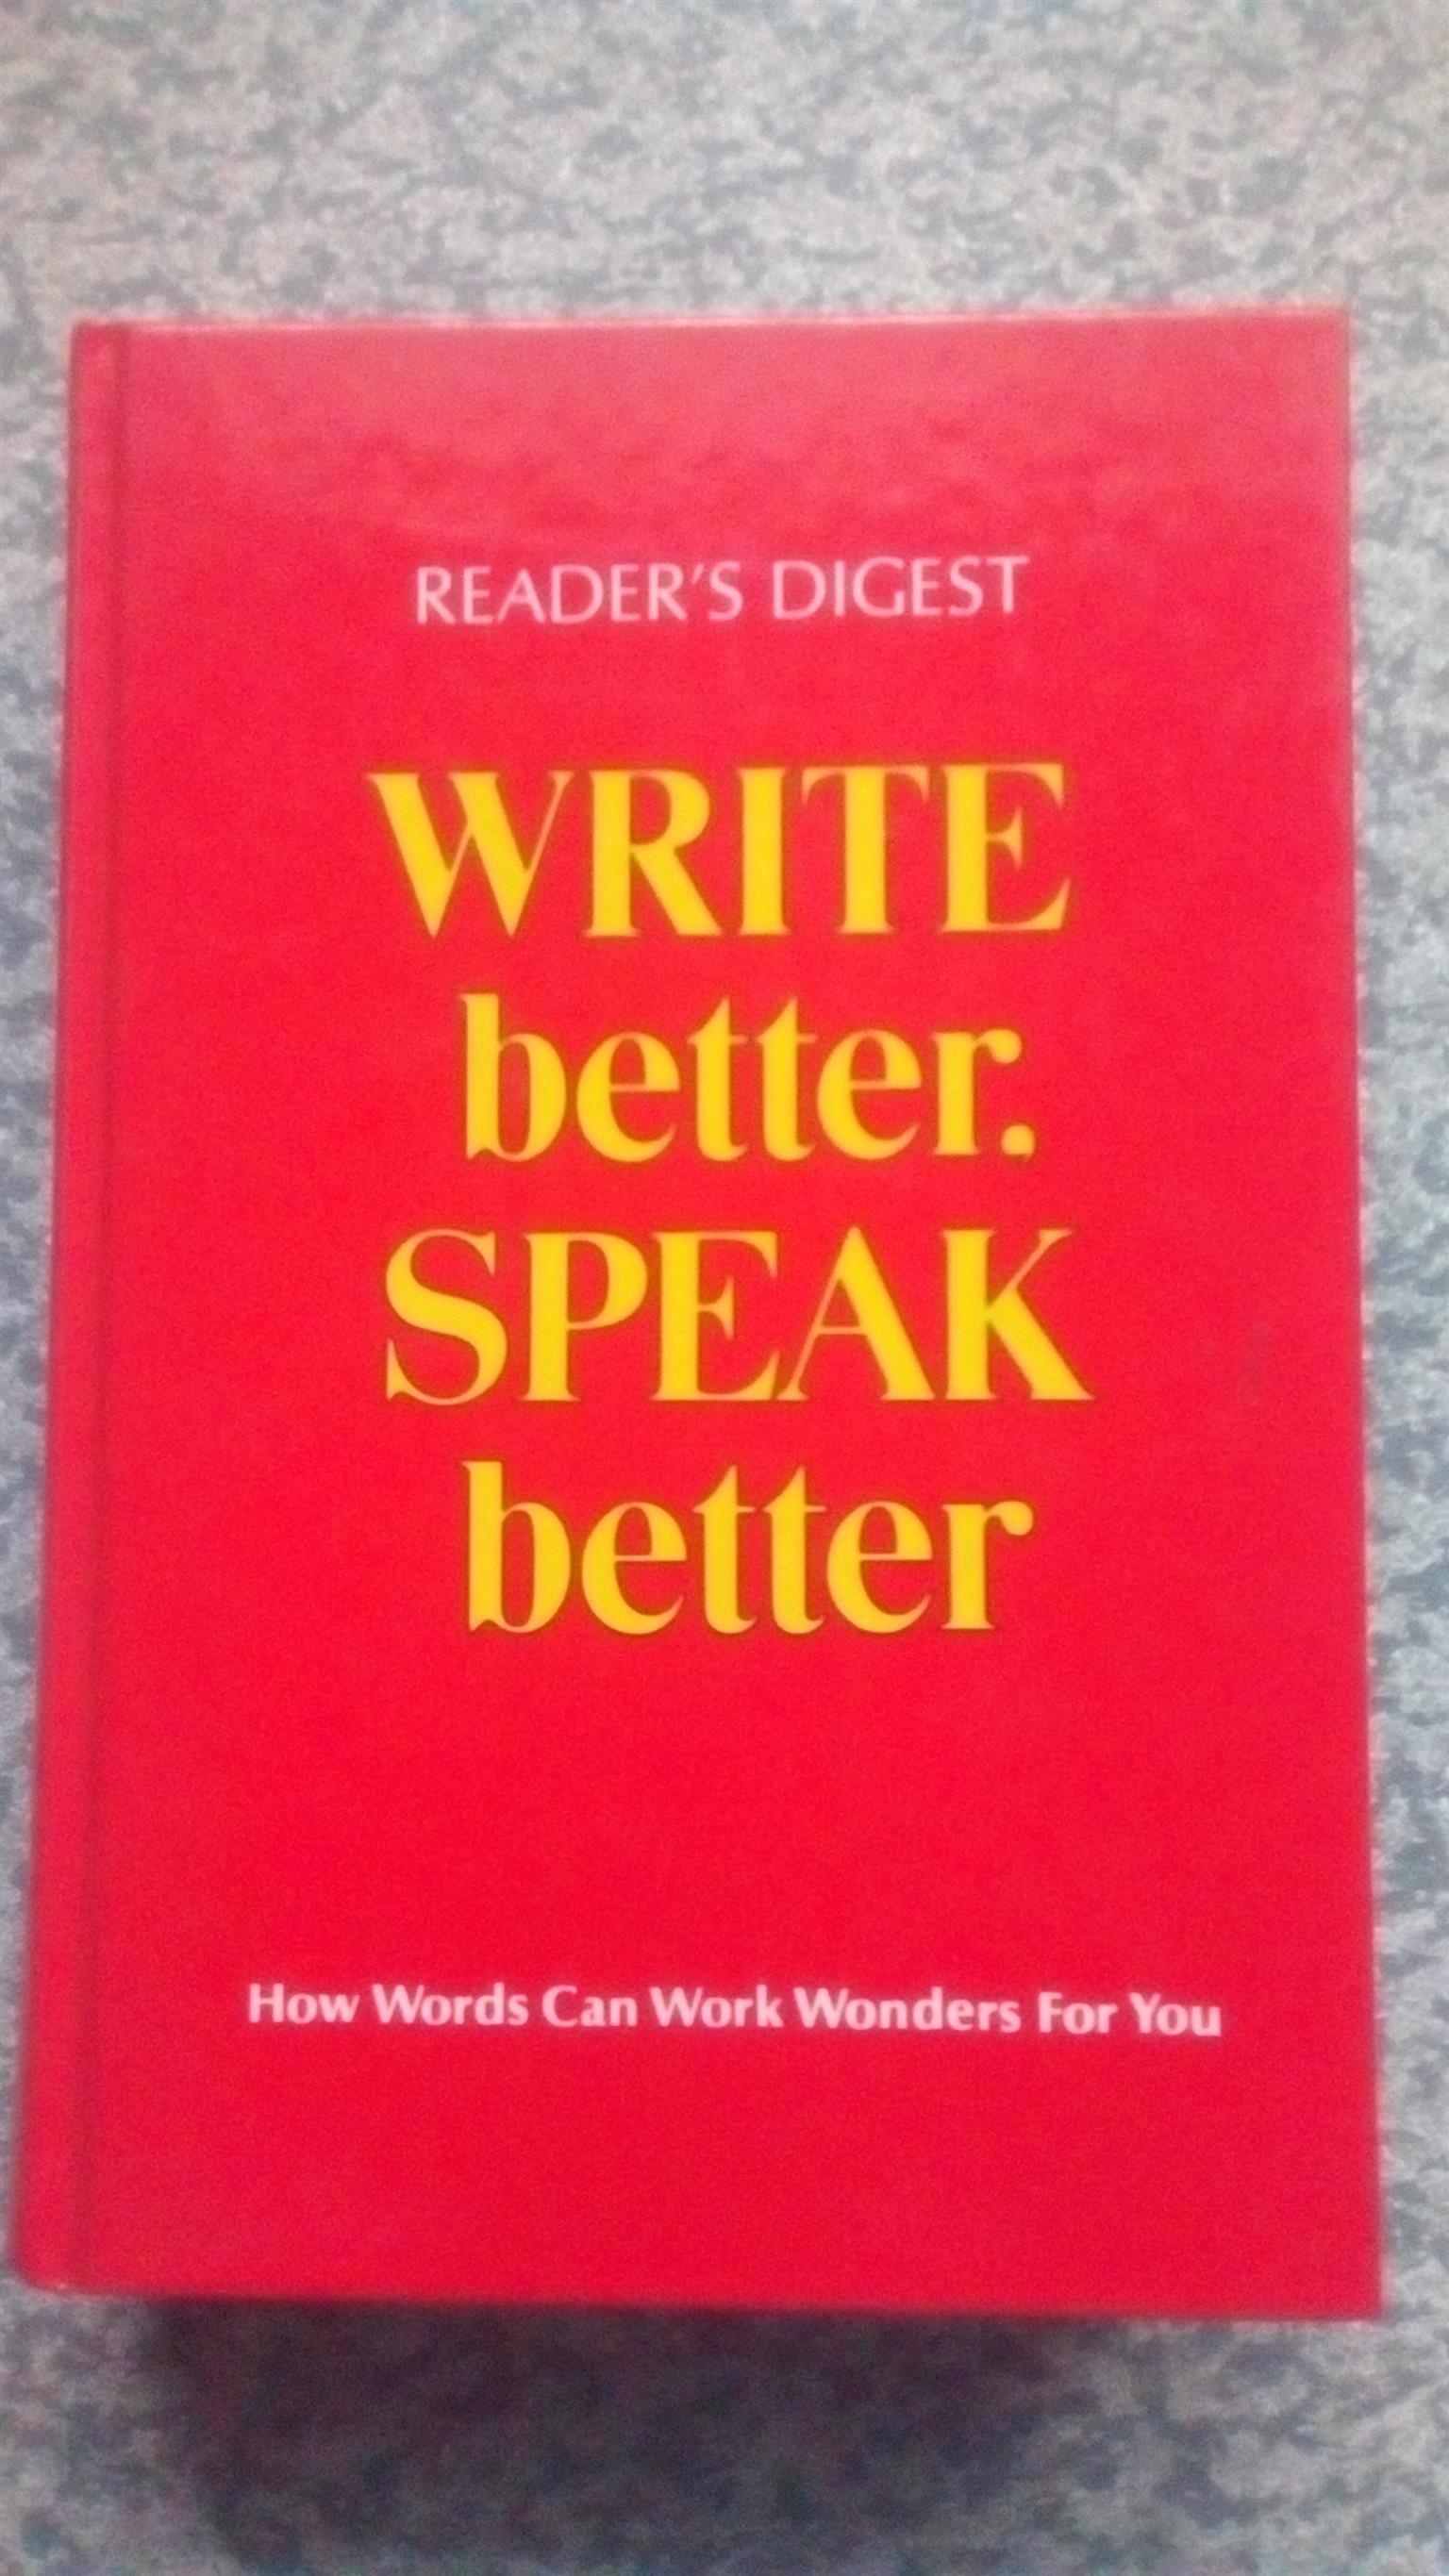 Reader's Digest Write better. Speak better